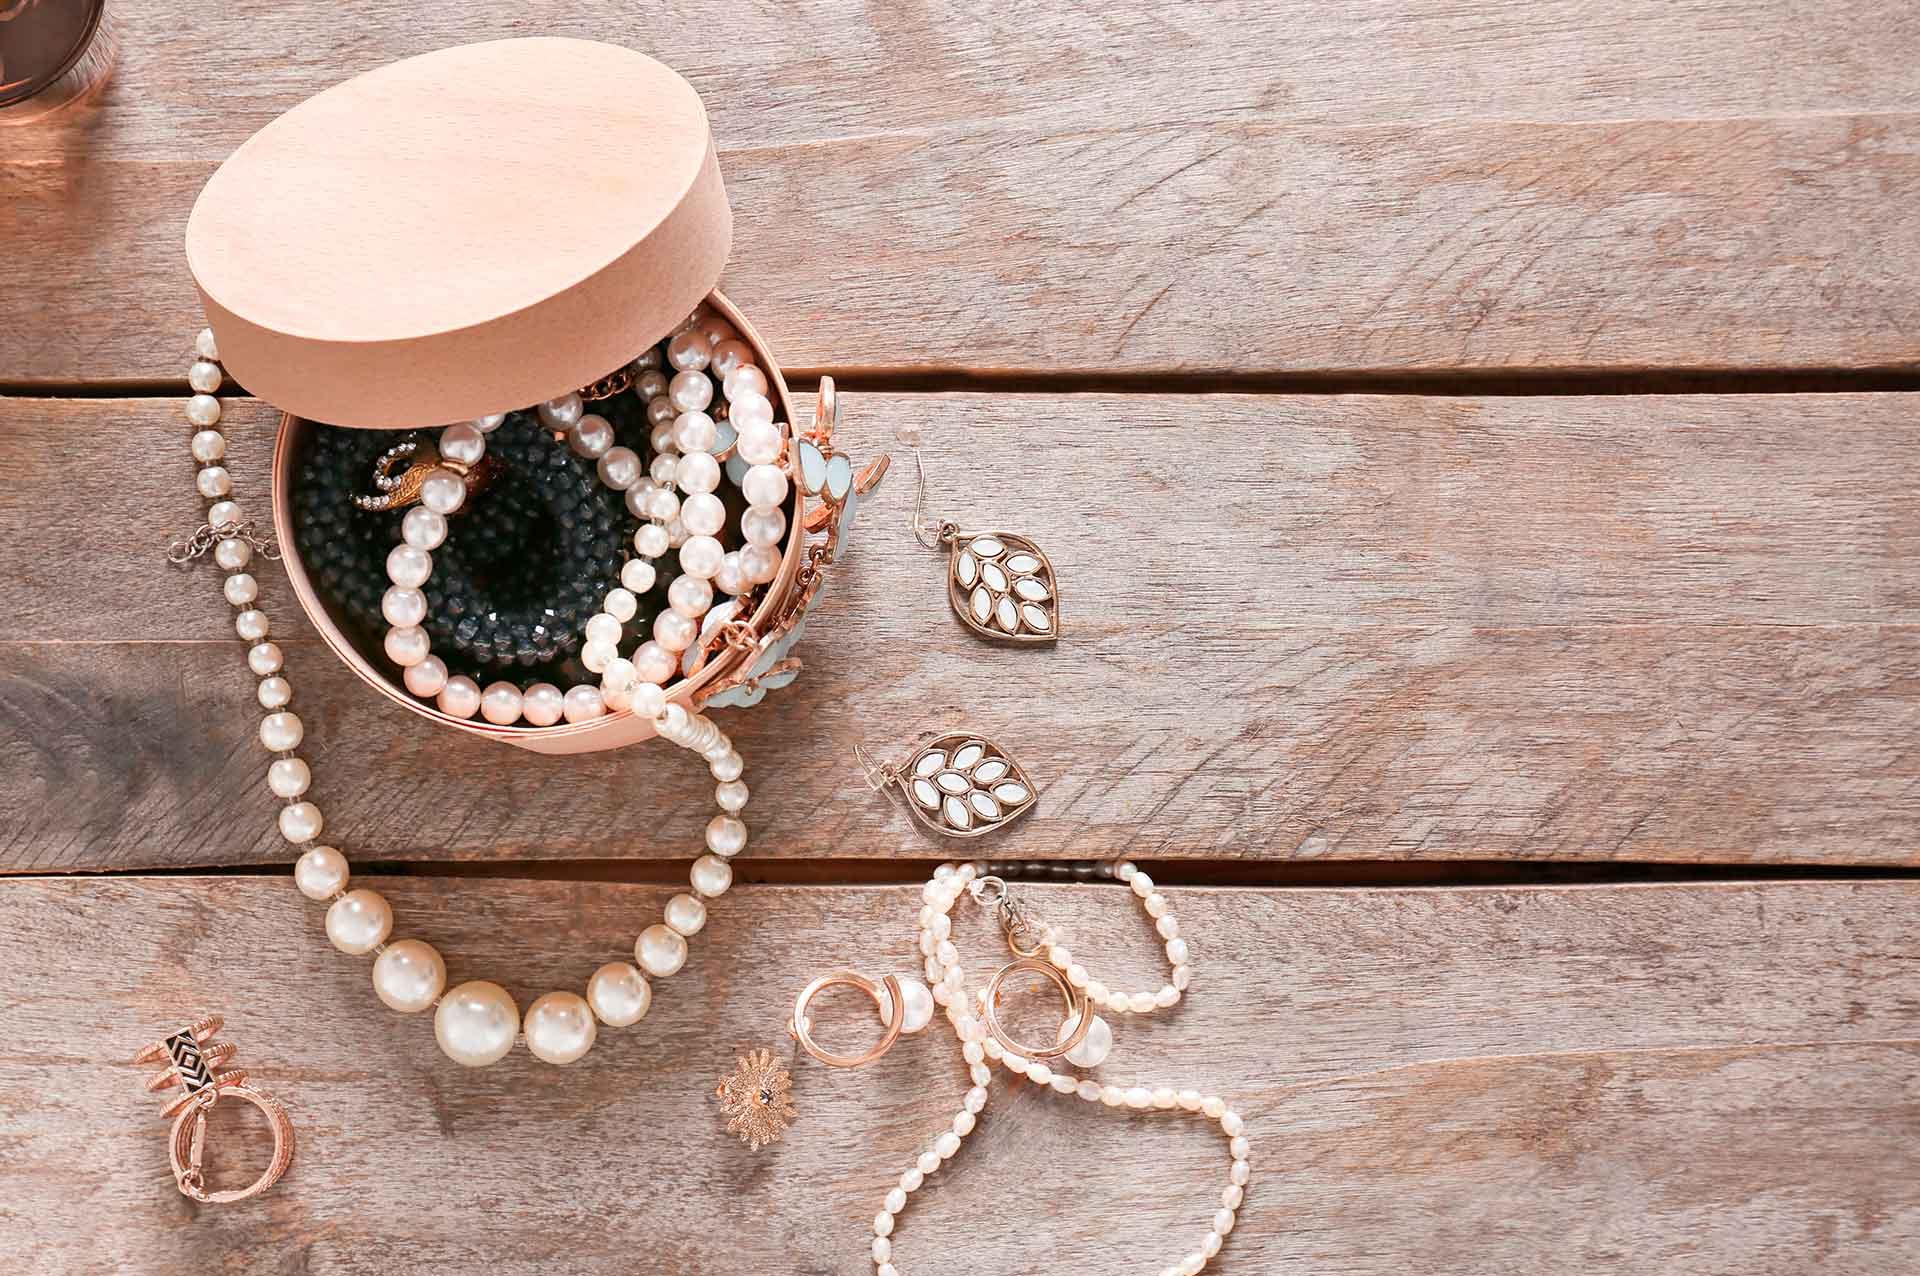 Texto: Pérolas em acessórios pessoais trazem charme e sofisticação. Fonte: Africa Studio/Shutterstock